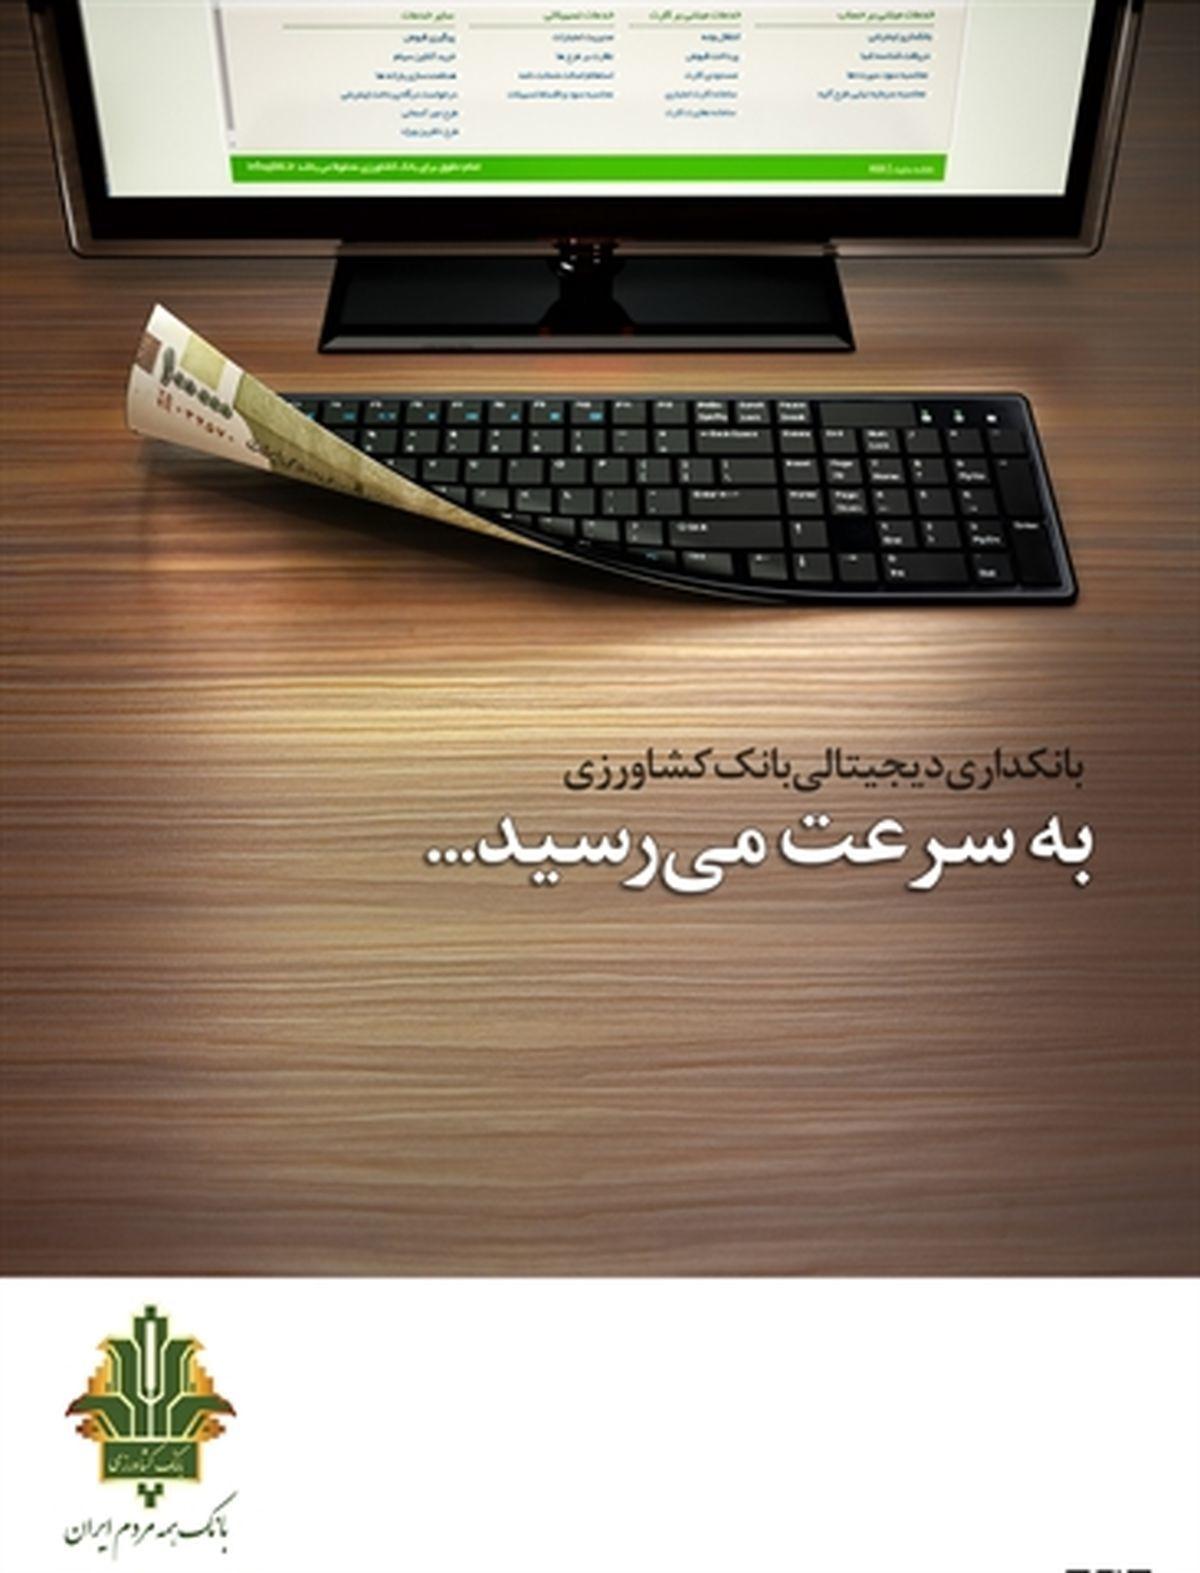 مشتریان اینترنت بانک کشاورزی به 400 هزارنفر رسید